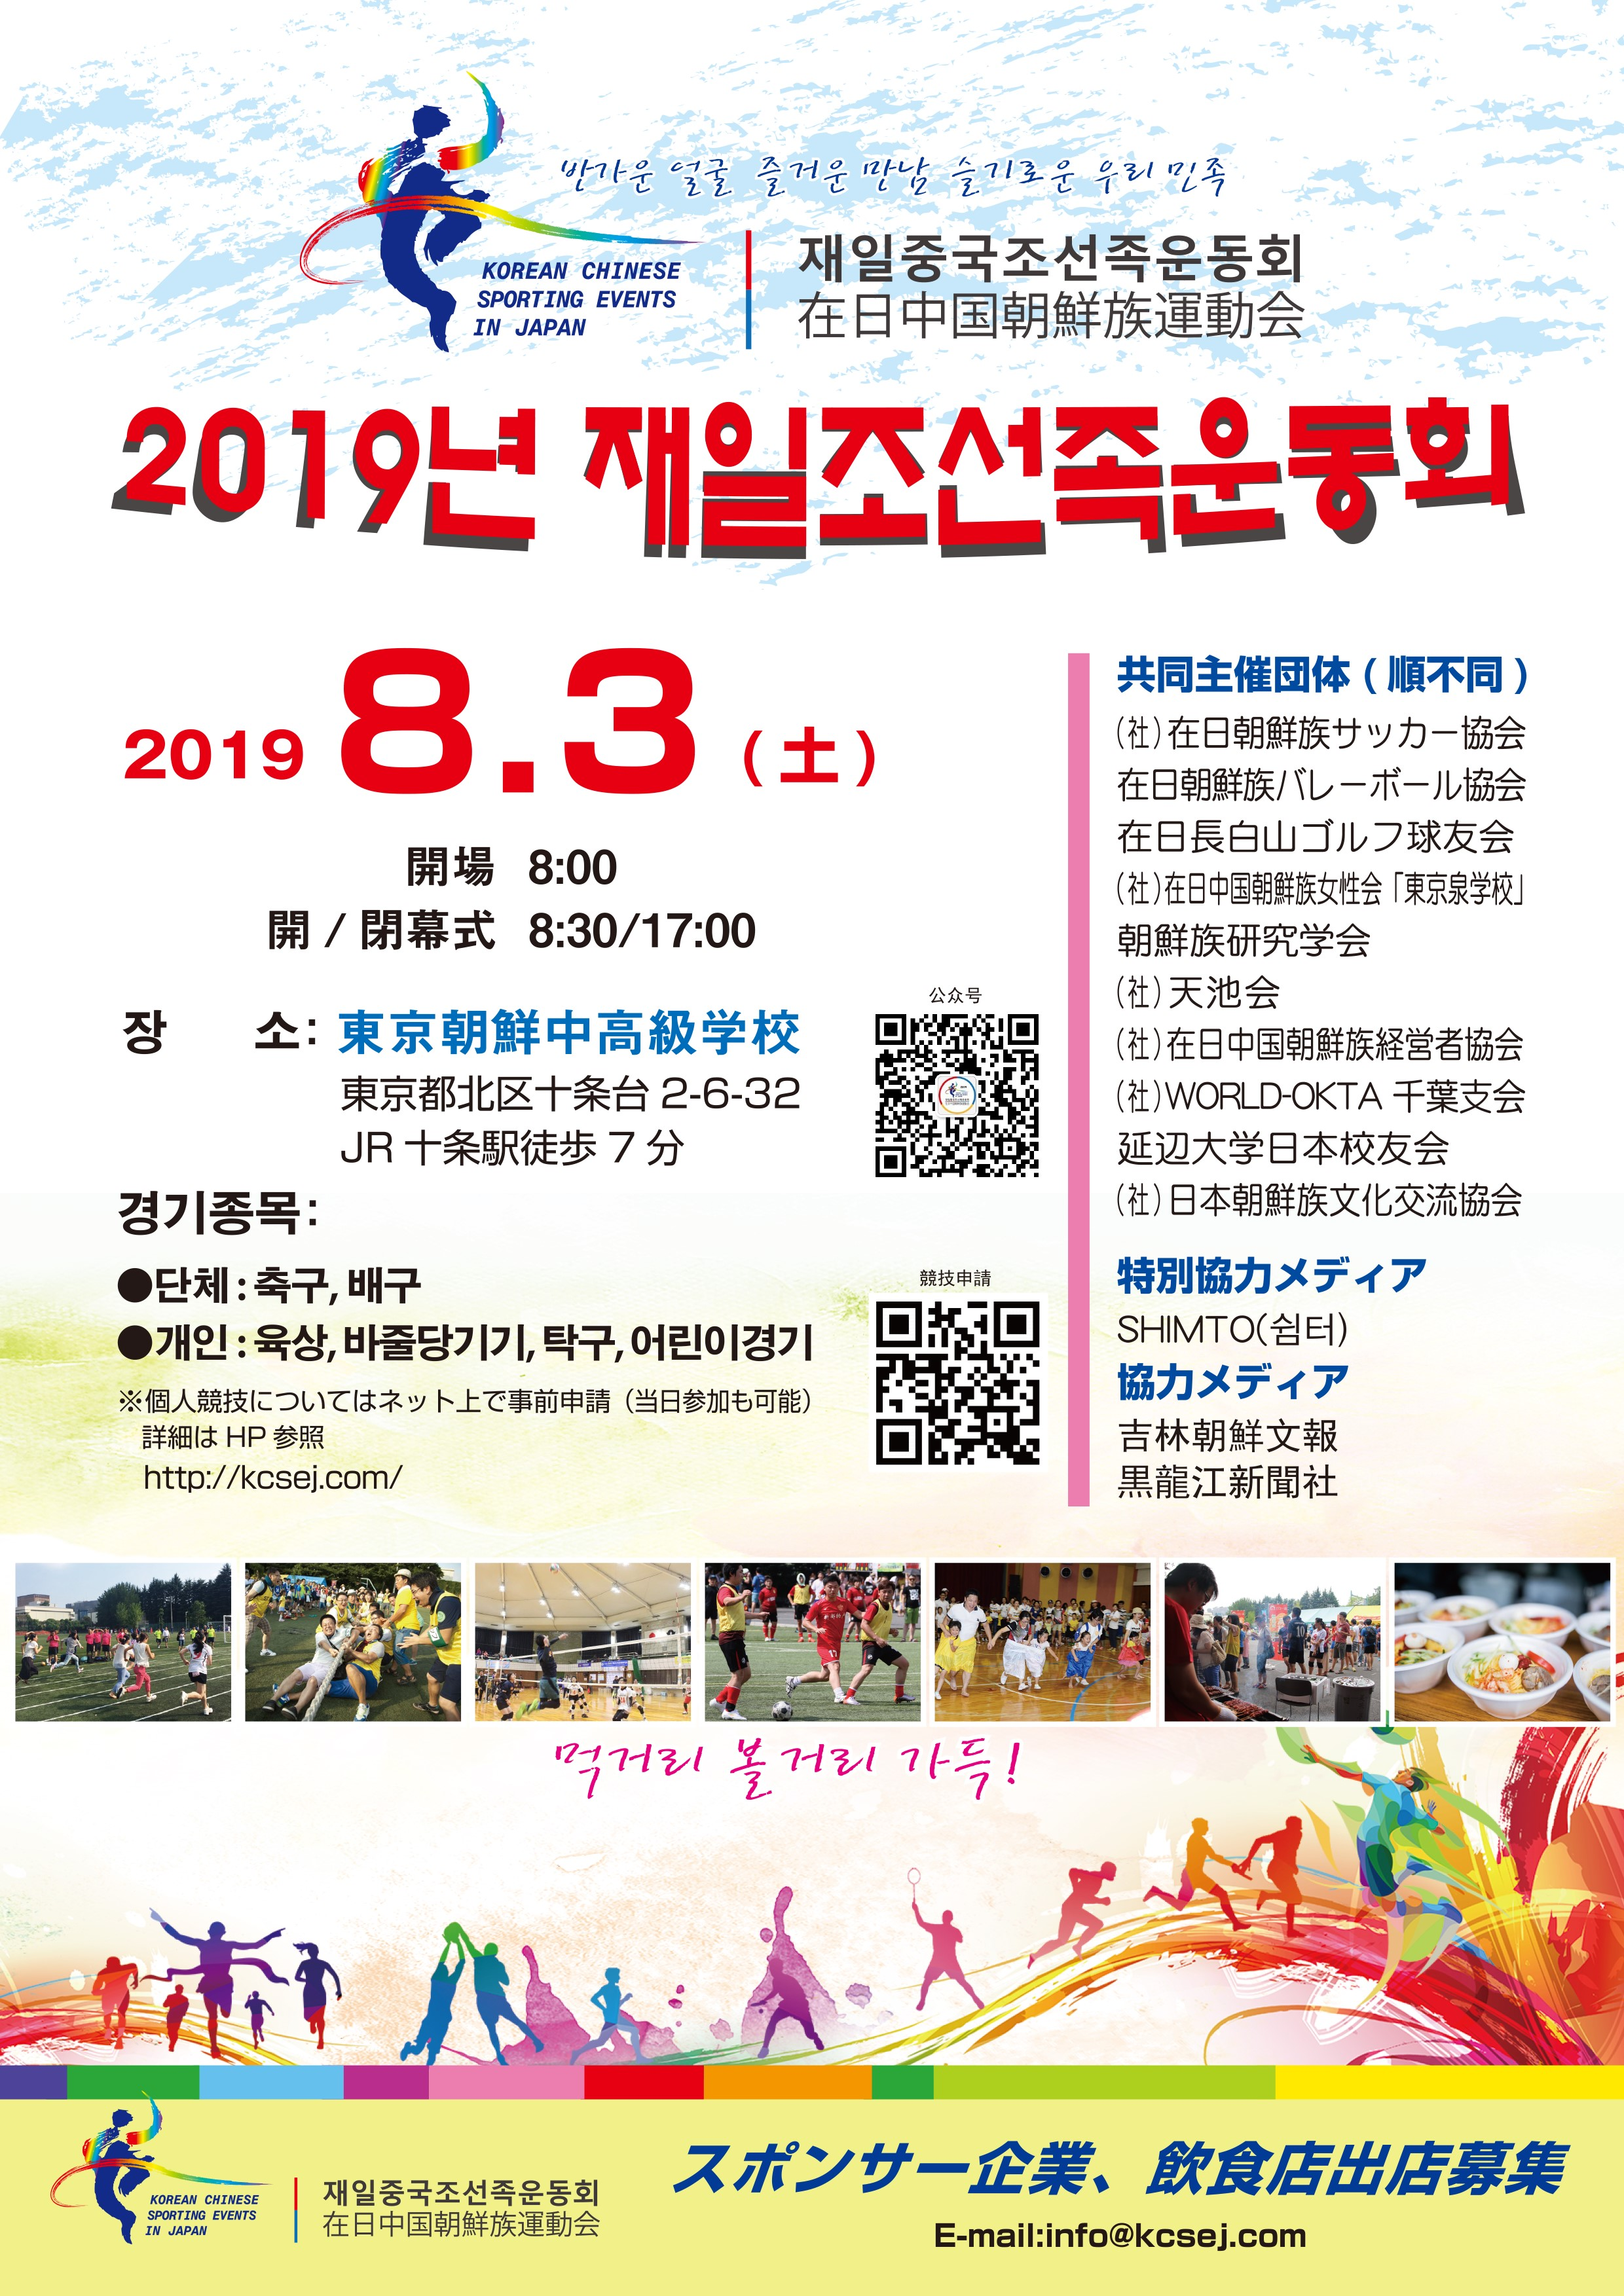 2019年在日朝鮮族運動会案内